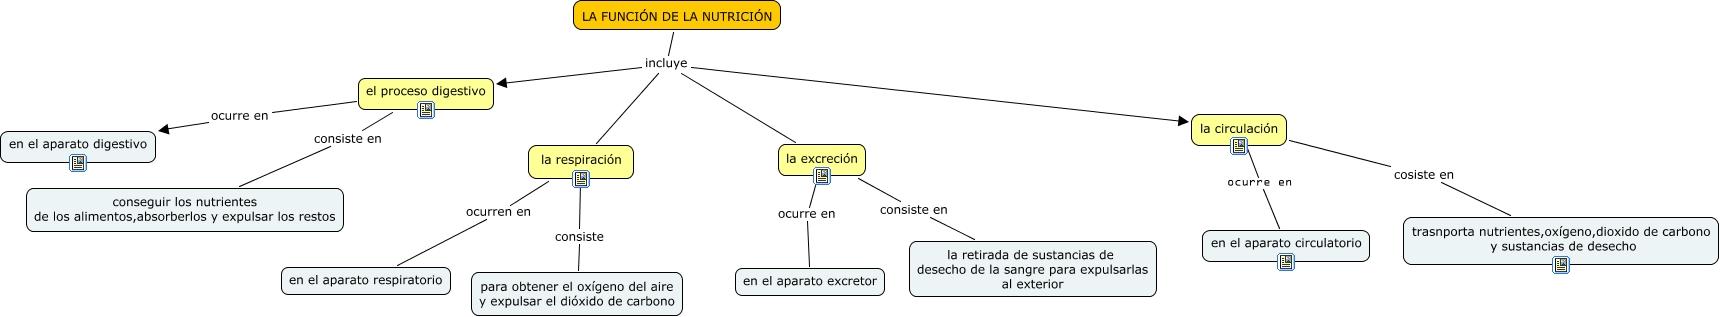 La nutrición: Mapa conceptual